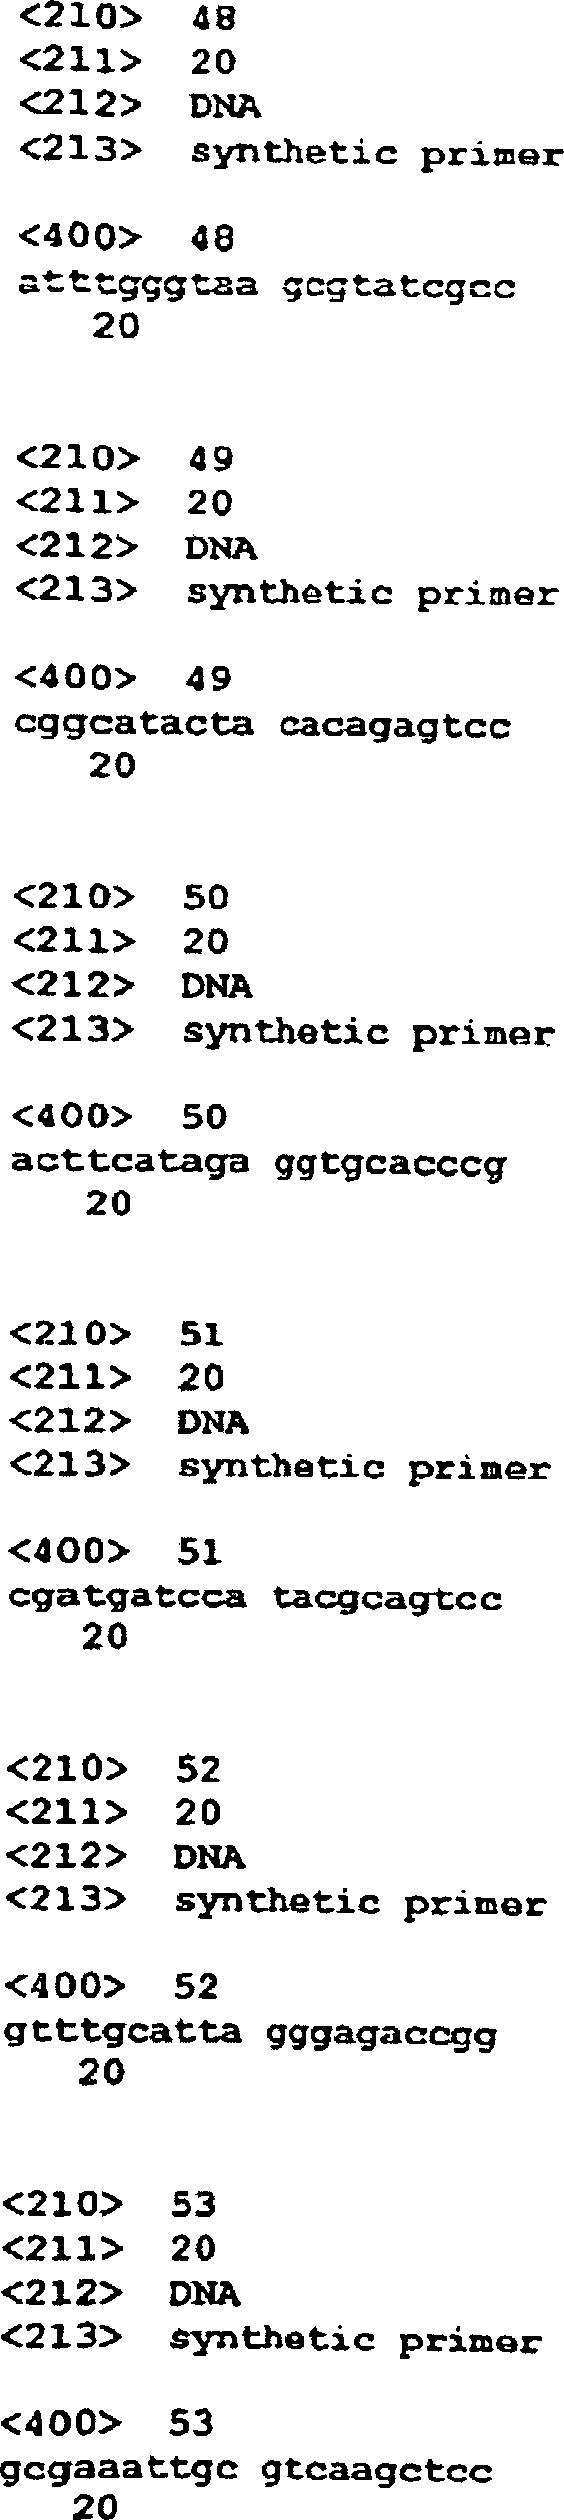 Biomoleküle - Ein kleiner Überblick (German Edition)